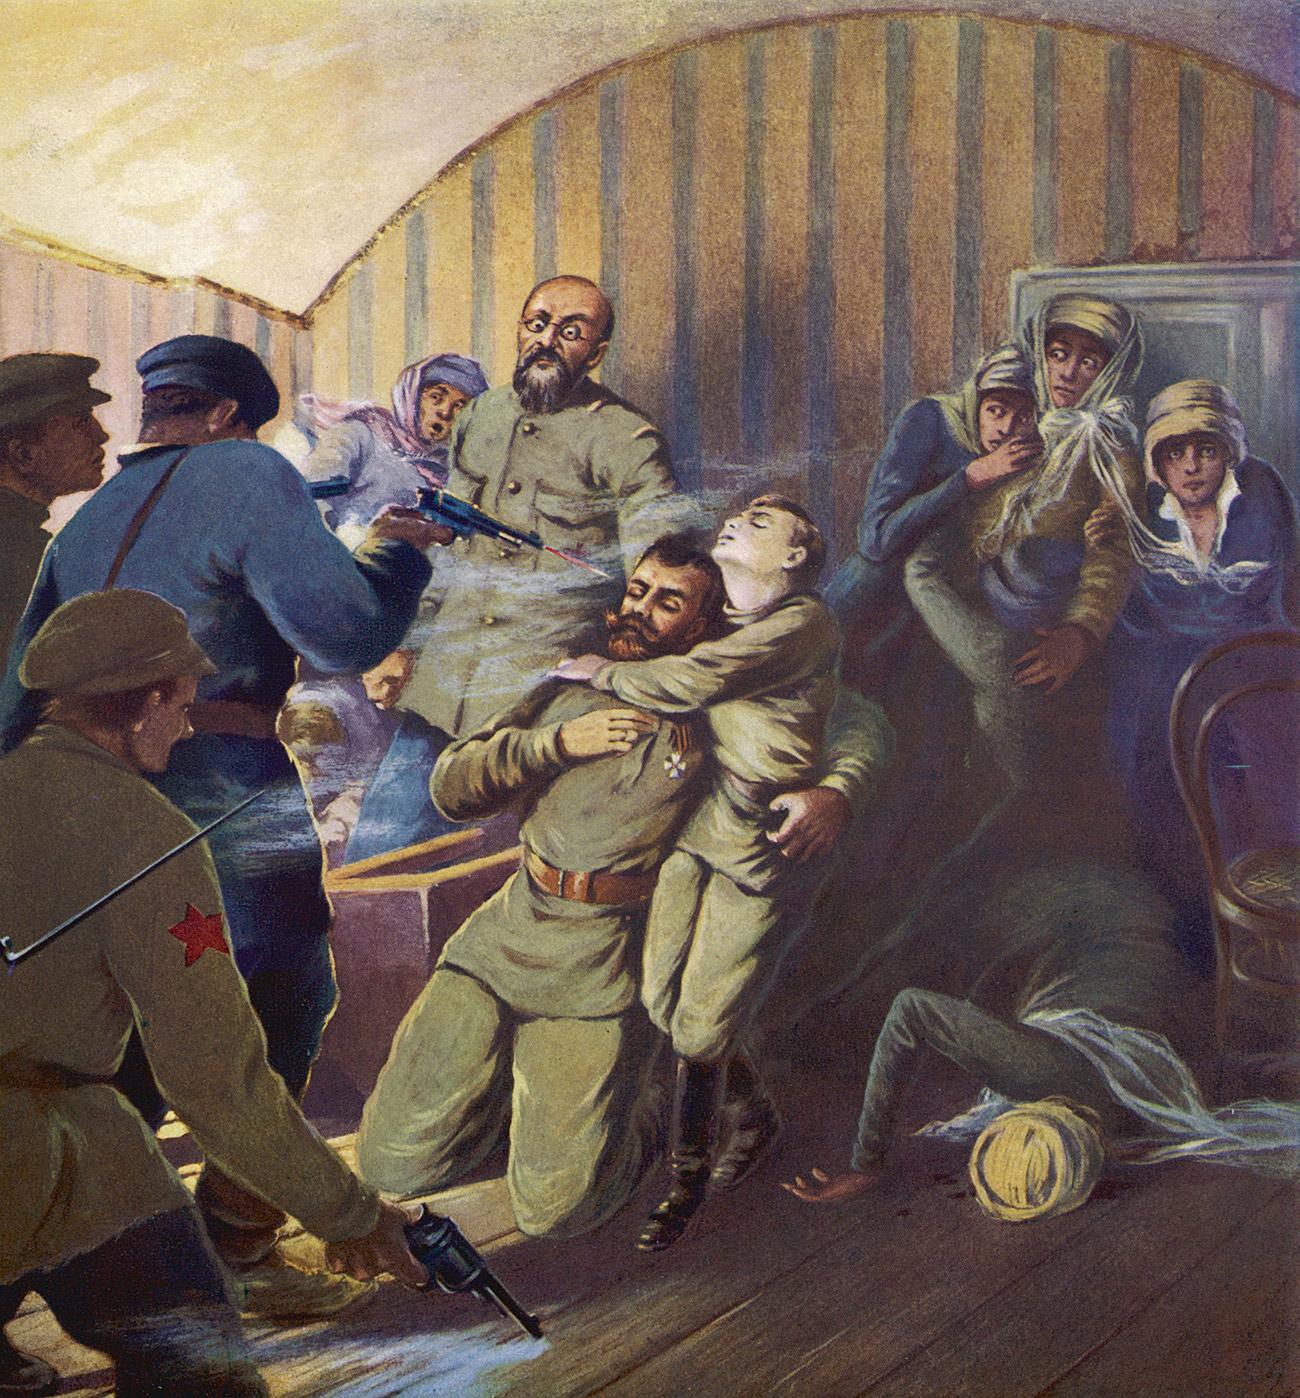 L'esecuzione dello zar Nicola II e della sua famiglia a Ekaterinburg. Fonte: Mary Evans Picture Library/Global Look Press